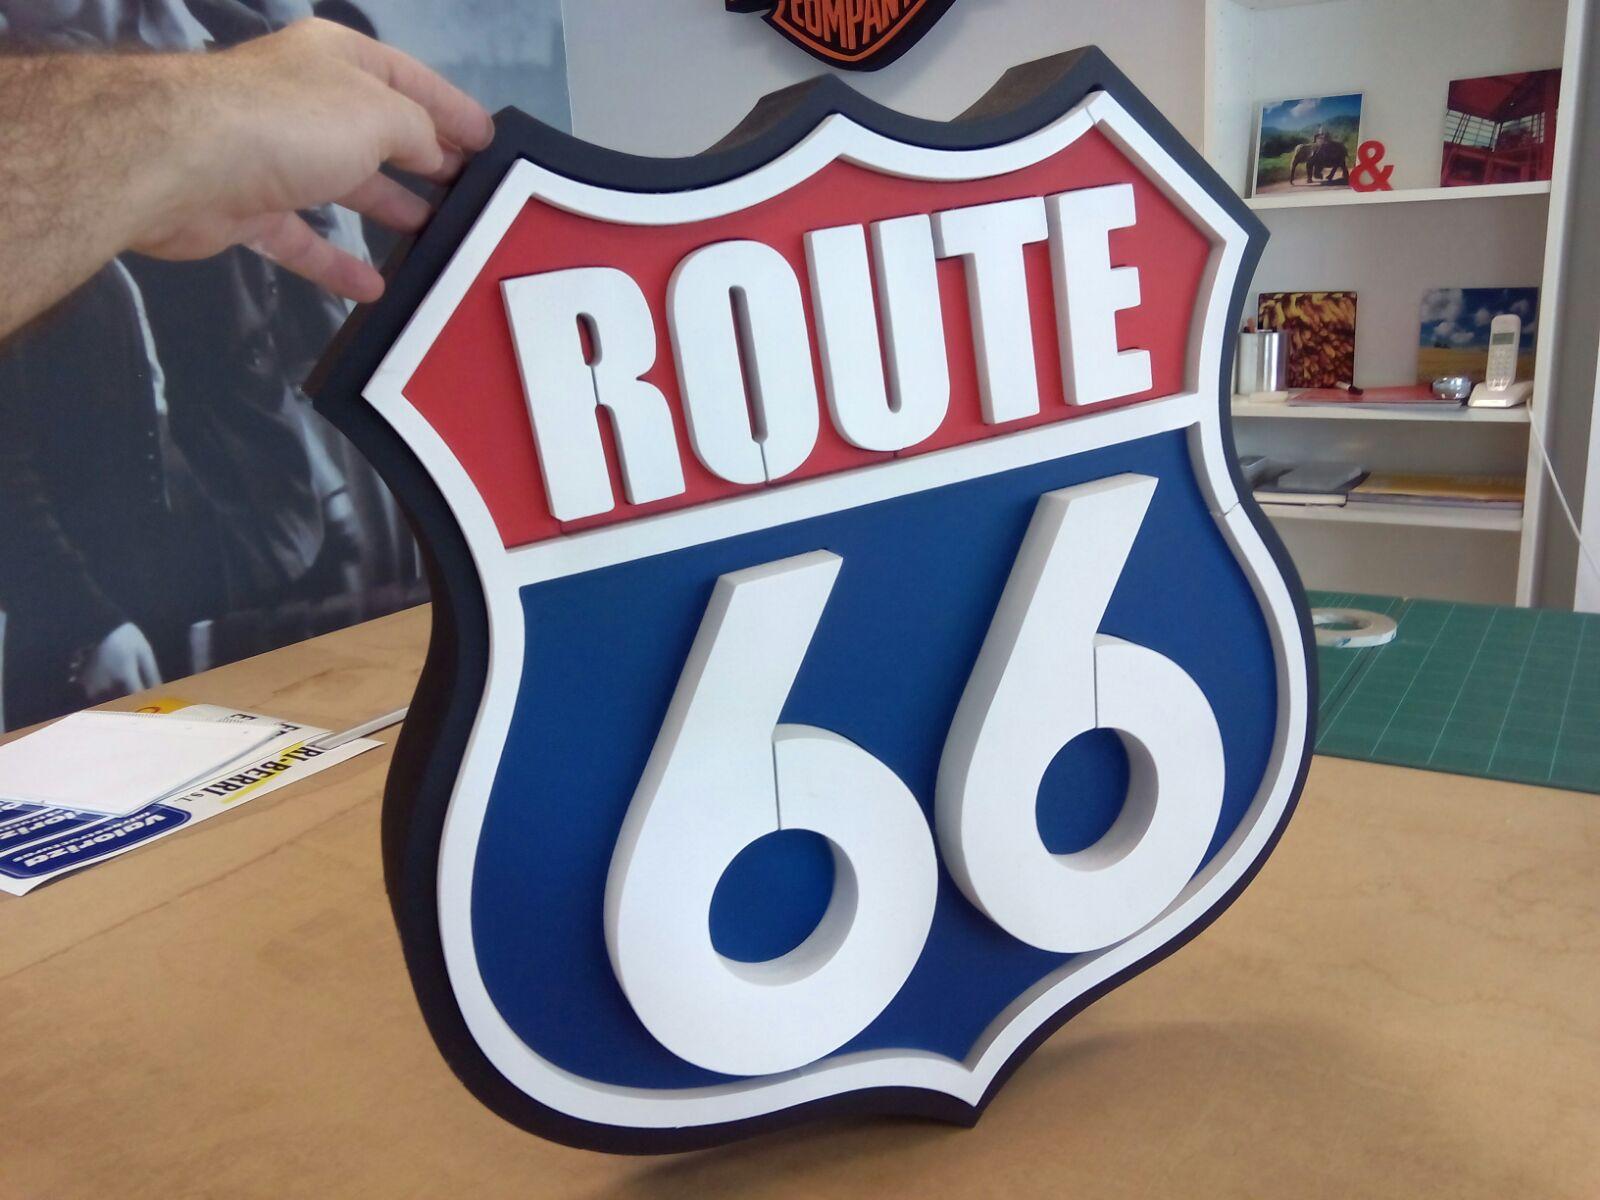 route66_route_motor_decoración_man_men_hombre_logo_logos_poliestireno_volúmen_volúmenes__estella_Navarra_IMPRESIÓN_DISEÑO_VINILOS_ROTULACIÓN